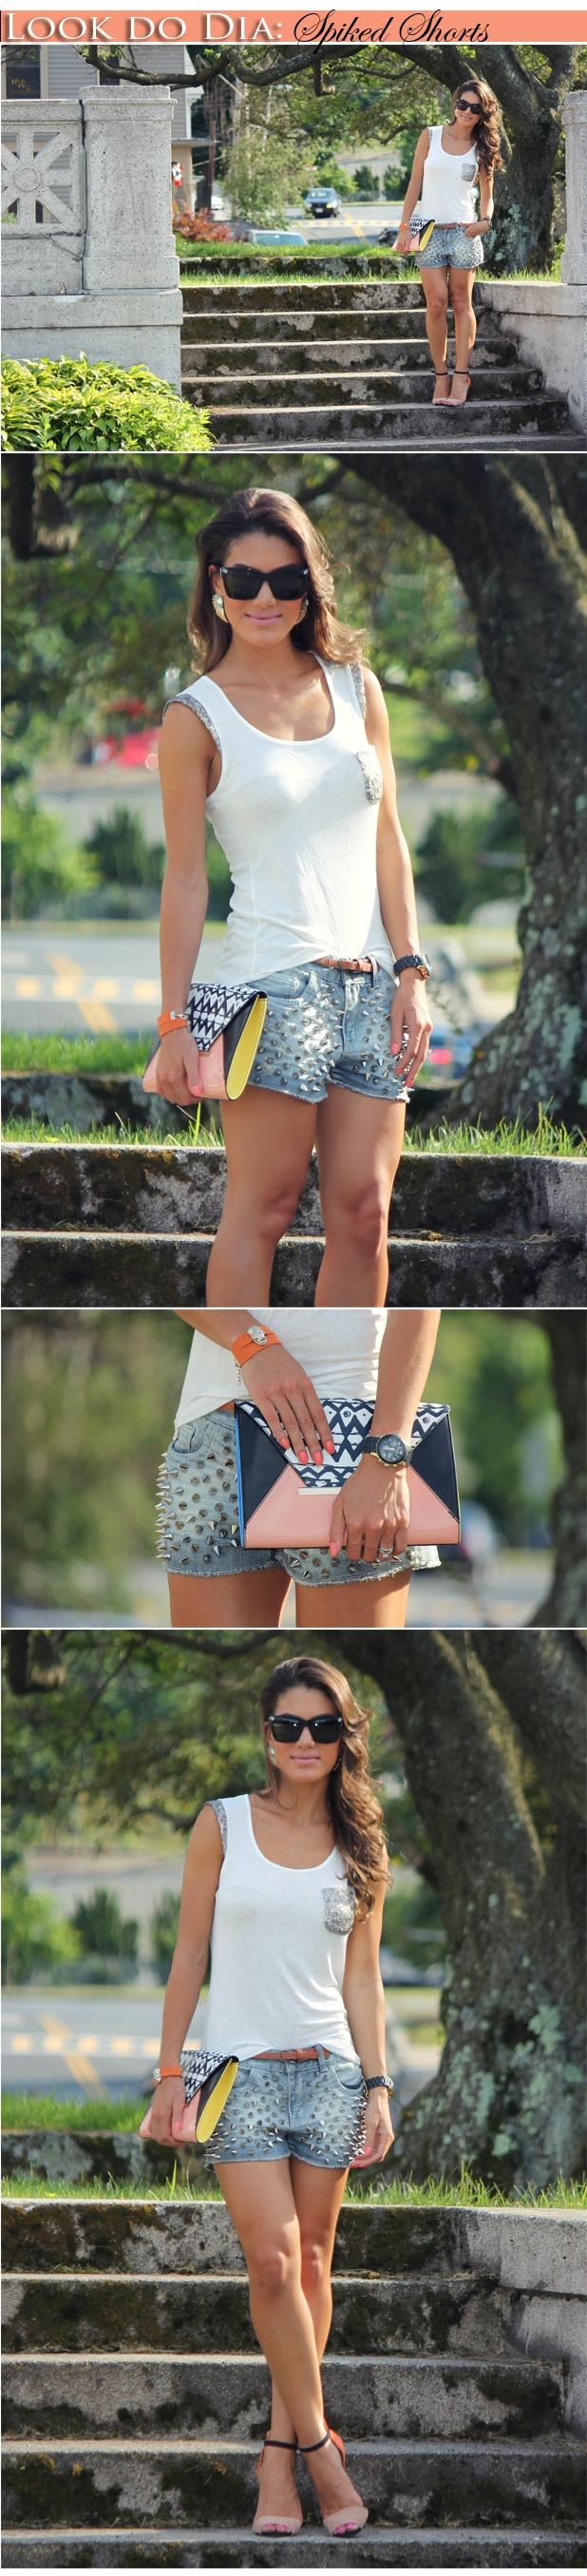 Super opção de look pra dias quentes de verão!!